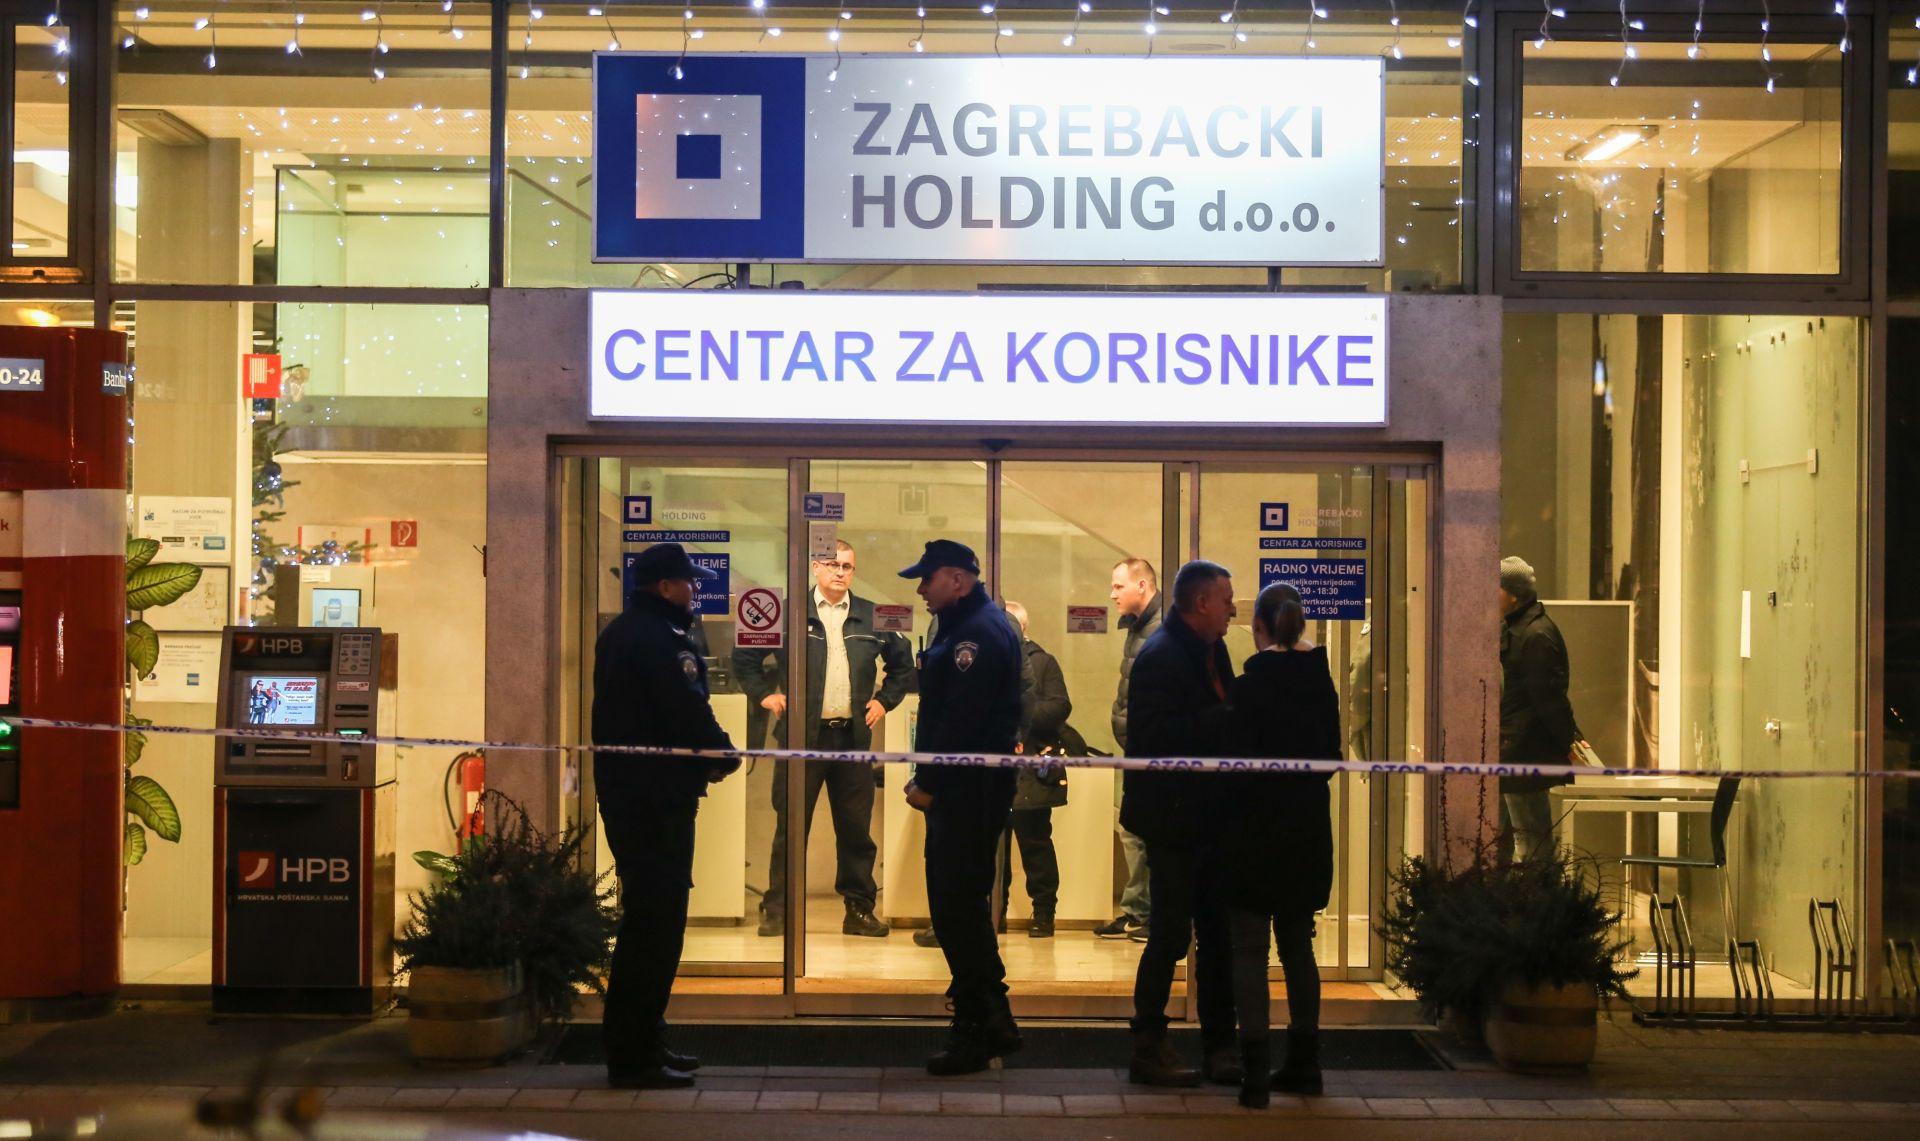 PLJAČKA U ZAGREBU: Naoružani lopovi upali u Zagrebački holding, ukrali najmanje 800.000 kuna